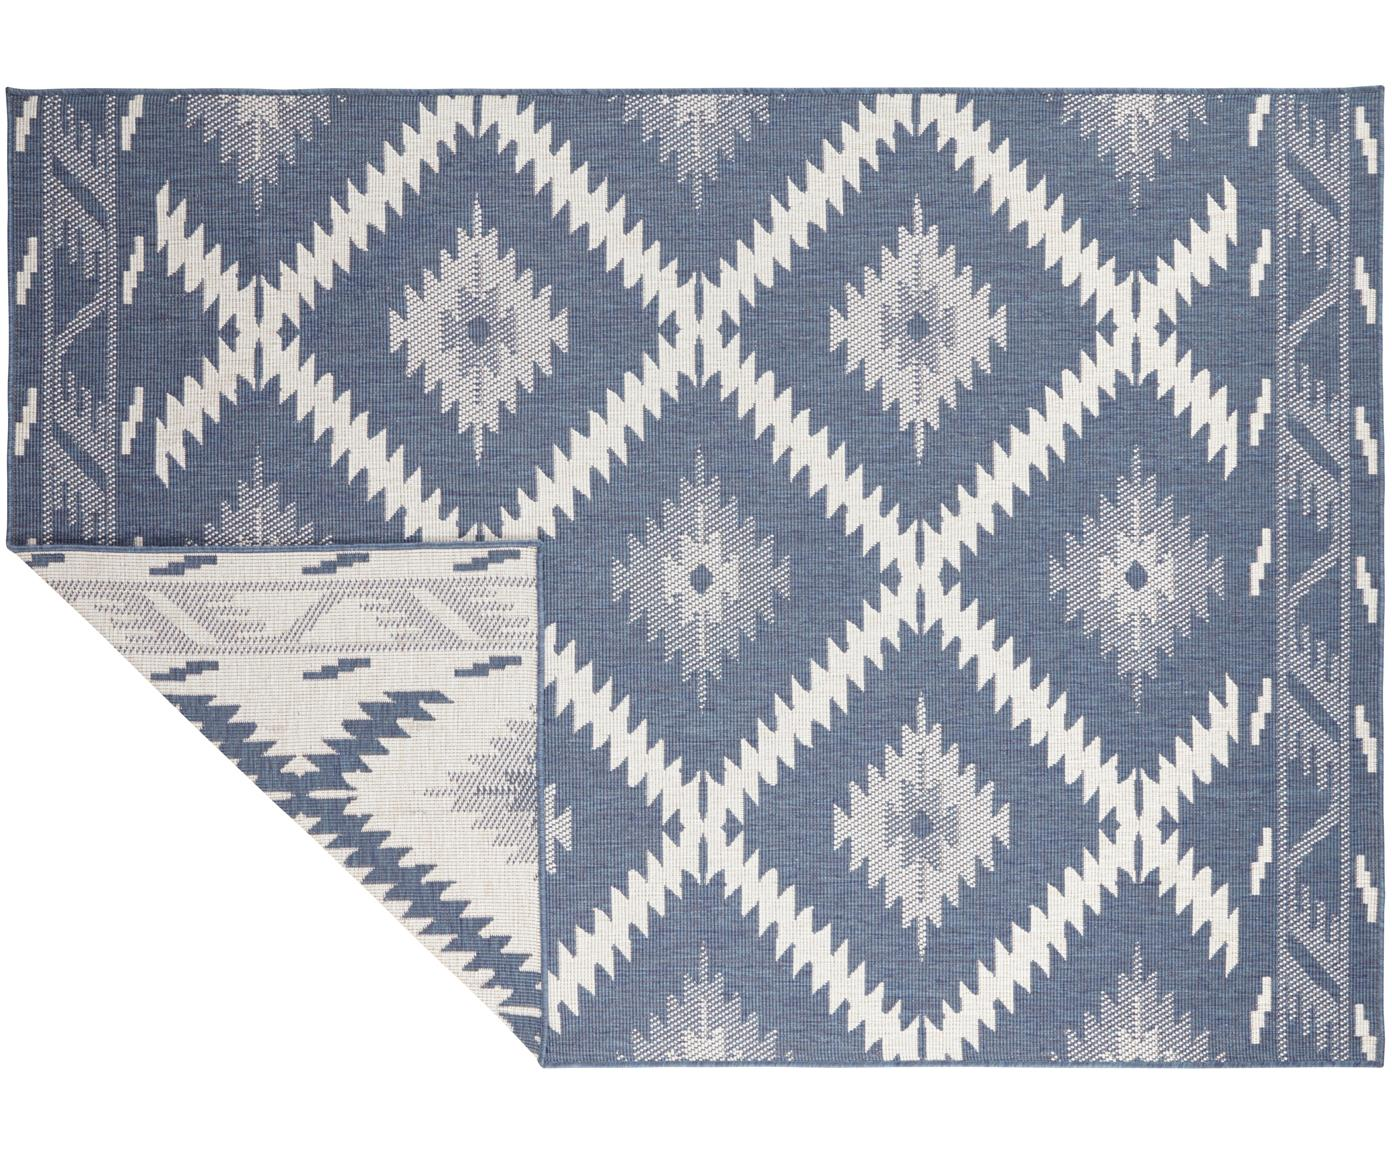 Dwustronny dywan wewnętrzny/zewnętrzny Malibu, Niebieski, kremowy, S 120 x D 170 cm (Ø 40 S)